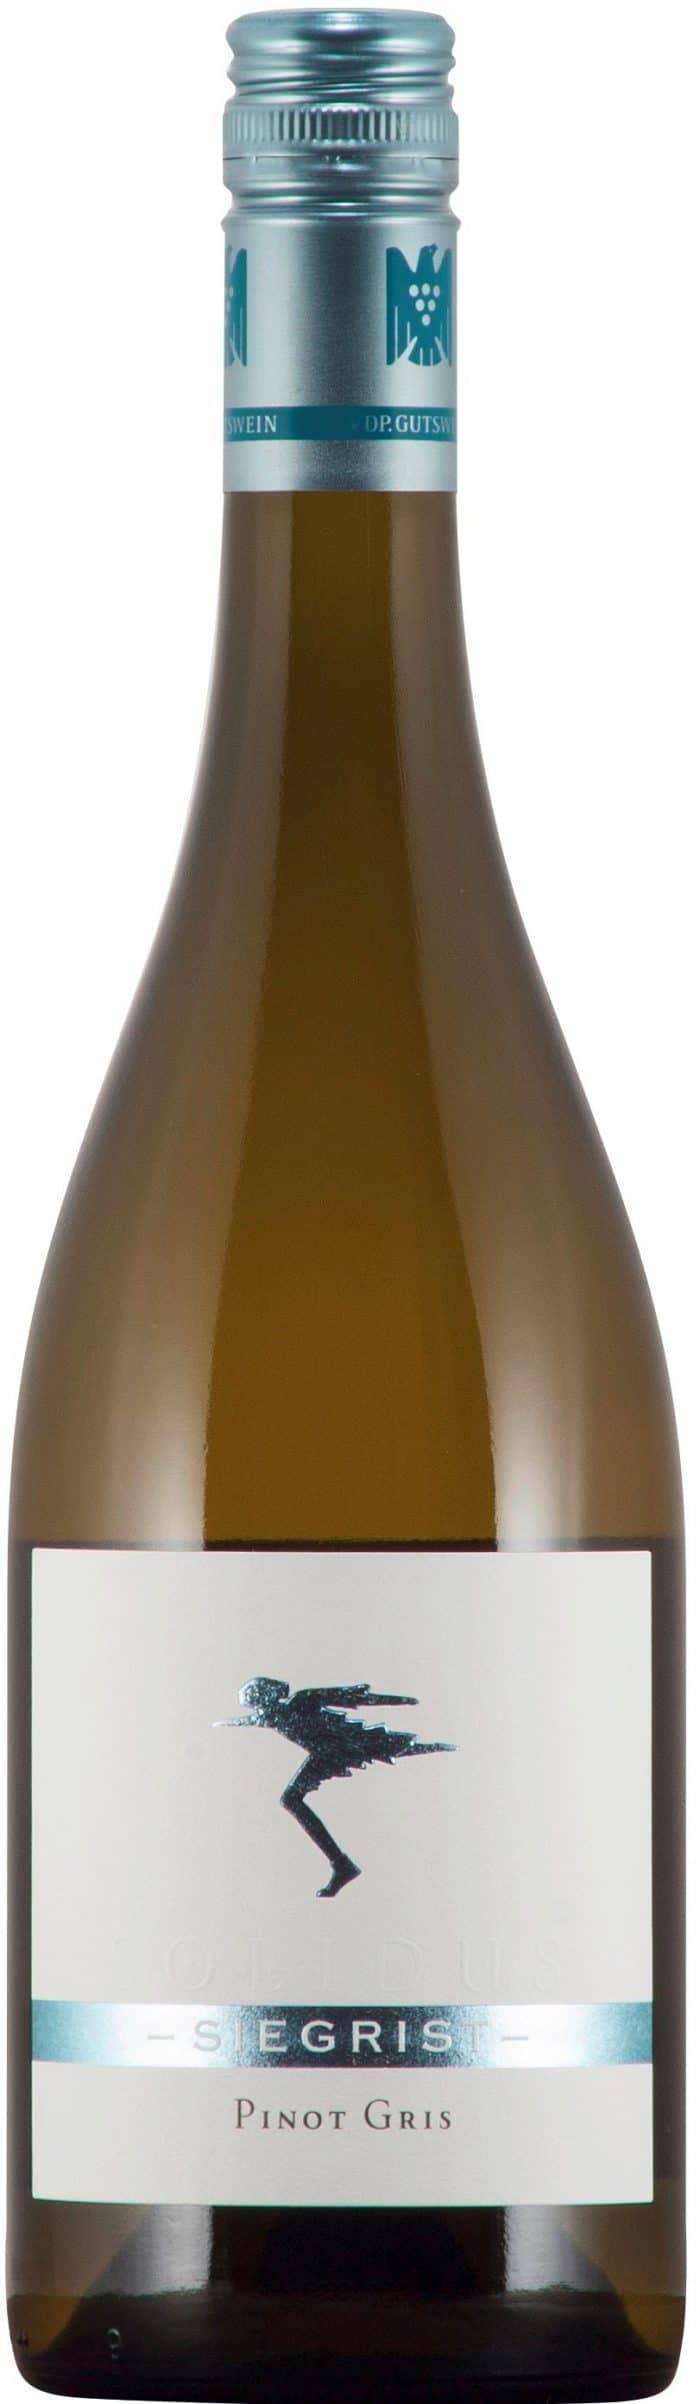 Pinot Gris | Duitsland | gemaakt van de druif: Pinot Gris